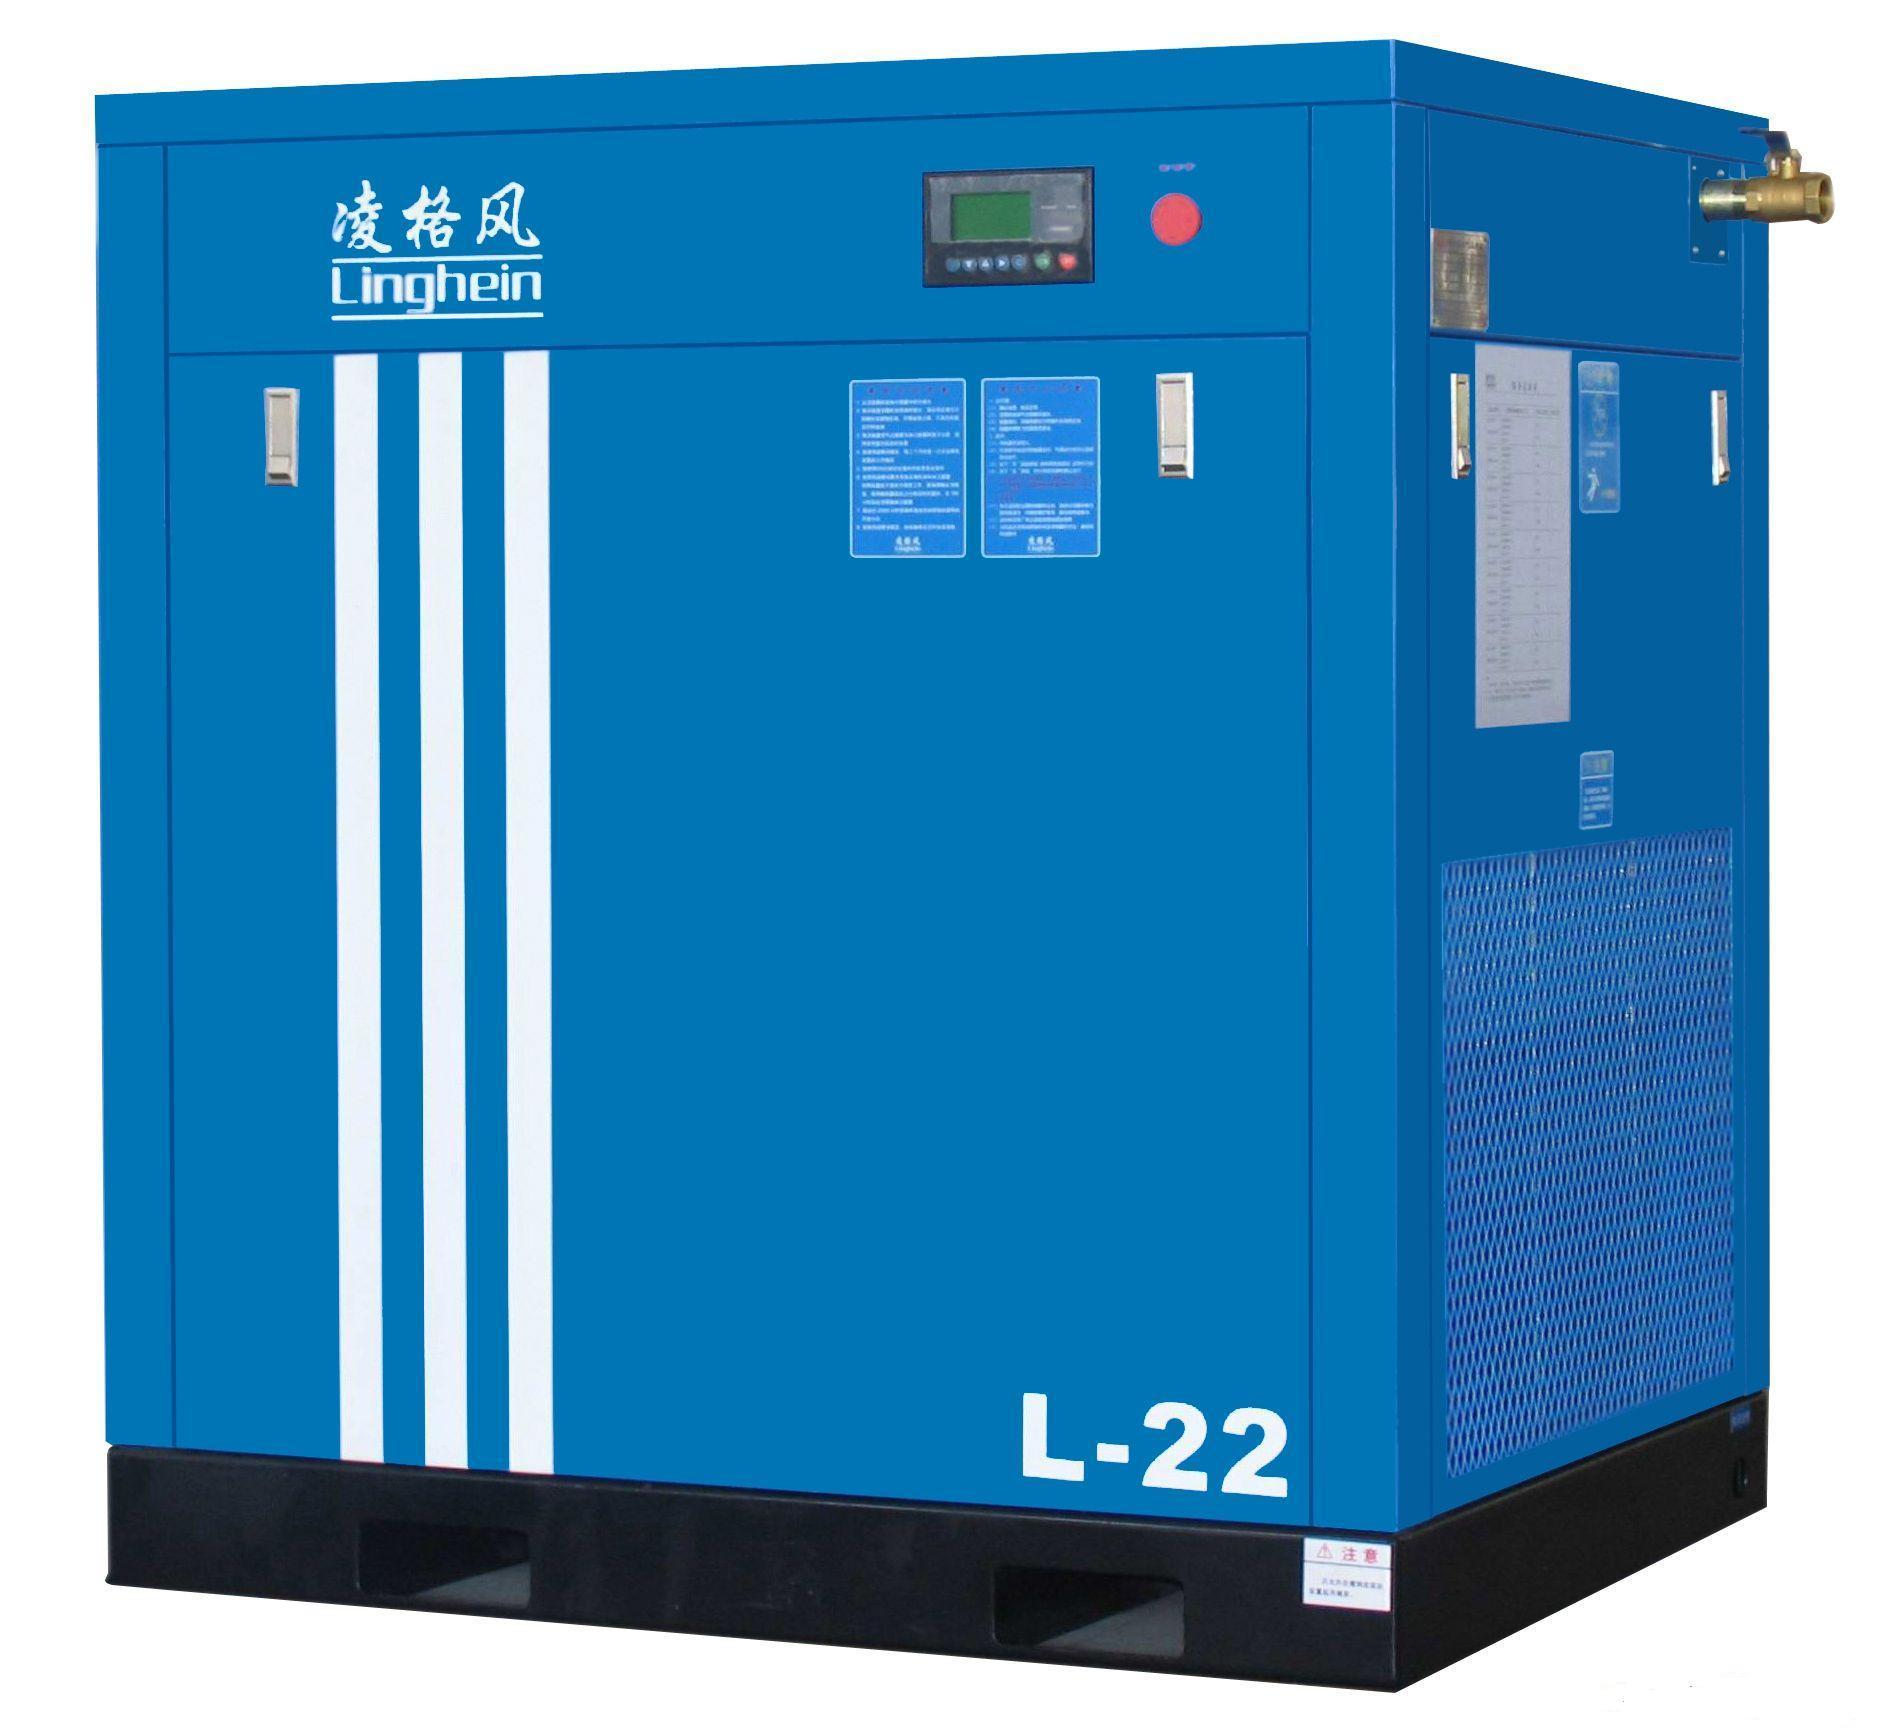 空壓機維修螺桿式空壓機保養耗材永磁變頻空壓機保養潤滑油